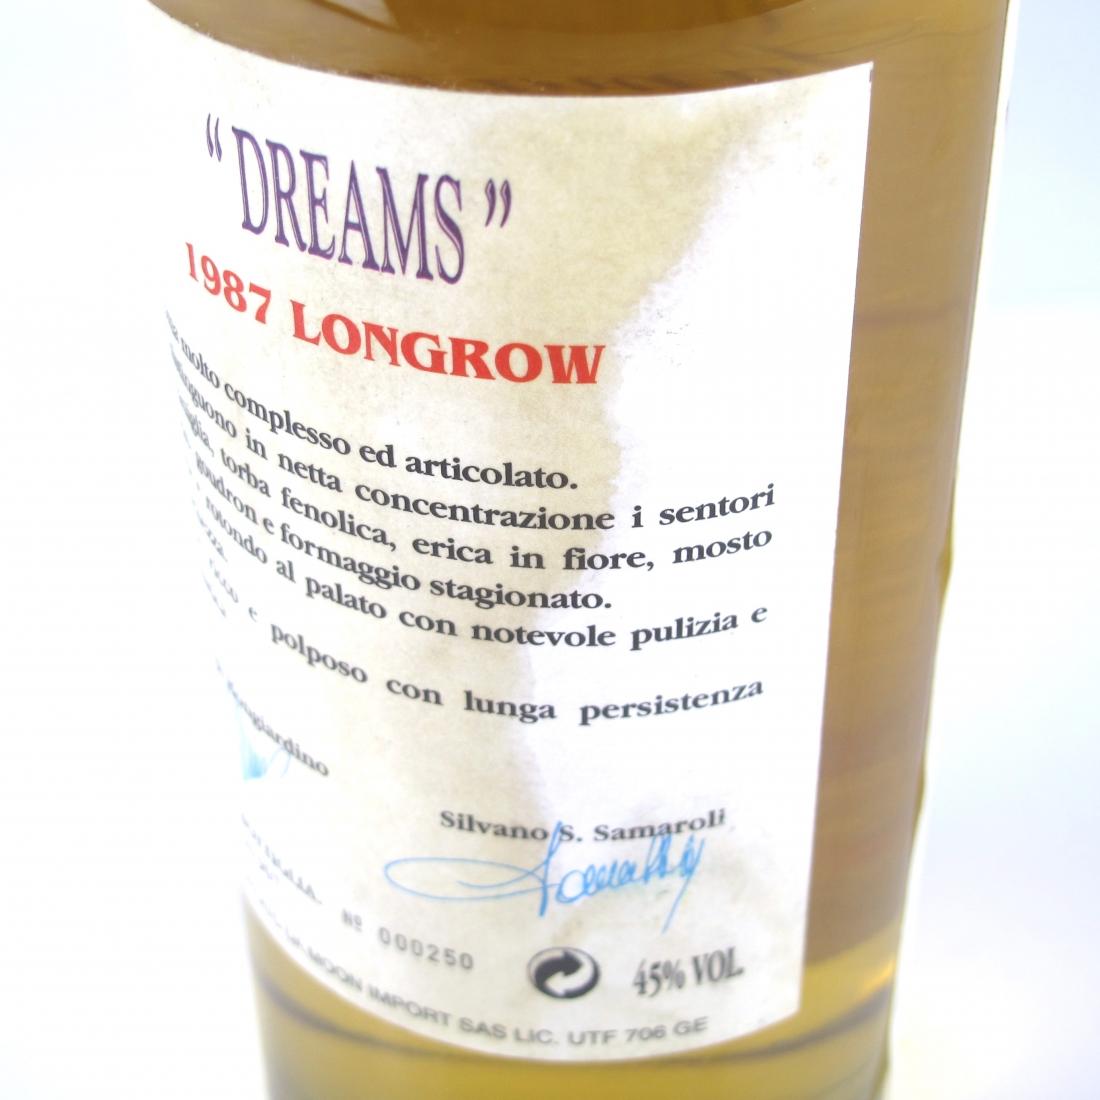 Longrow 1987 Samaroli 'Dreams'